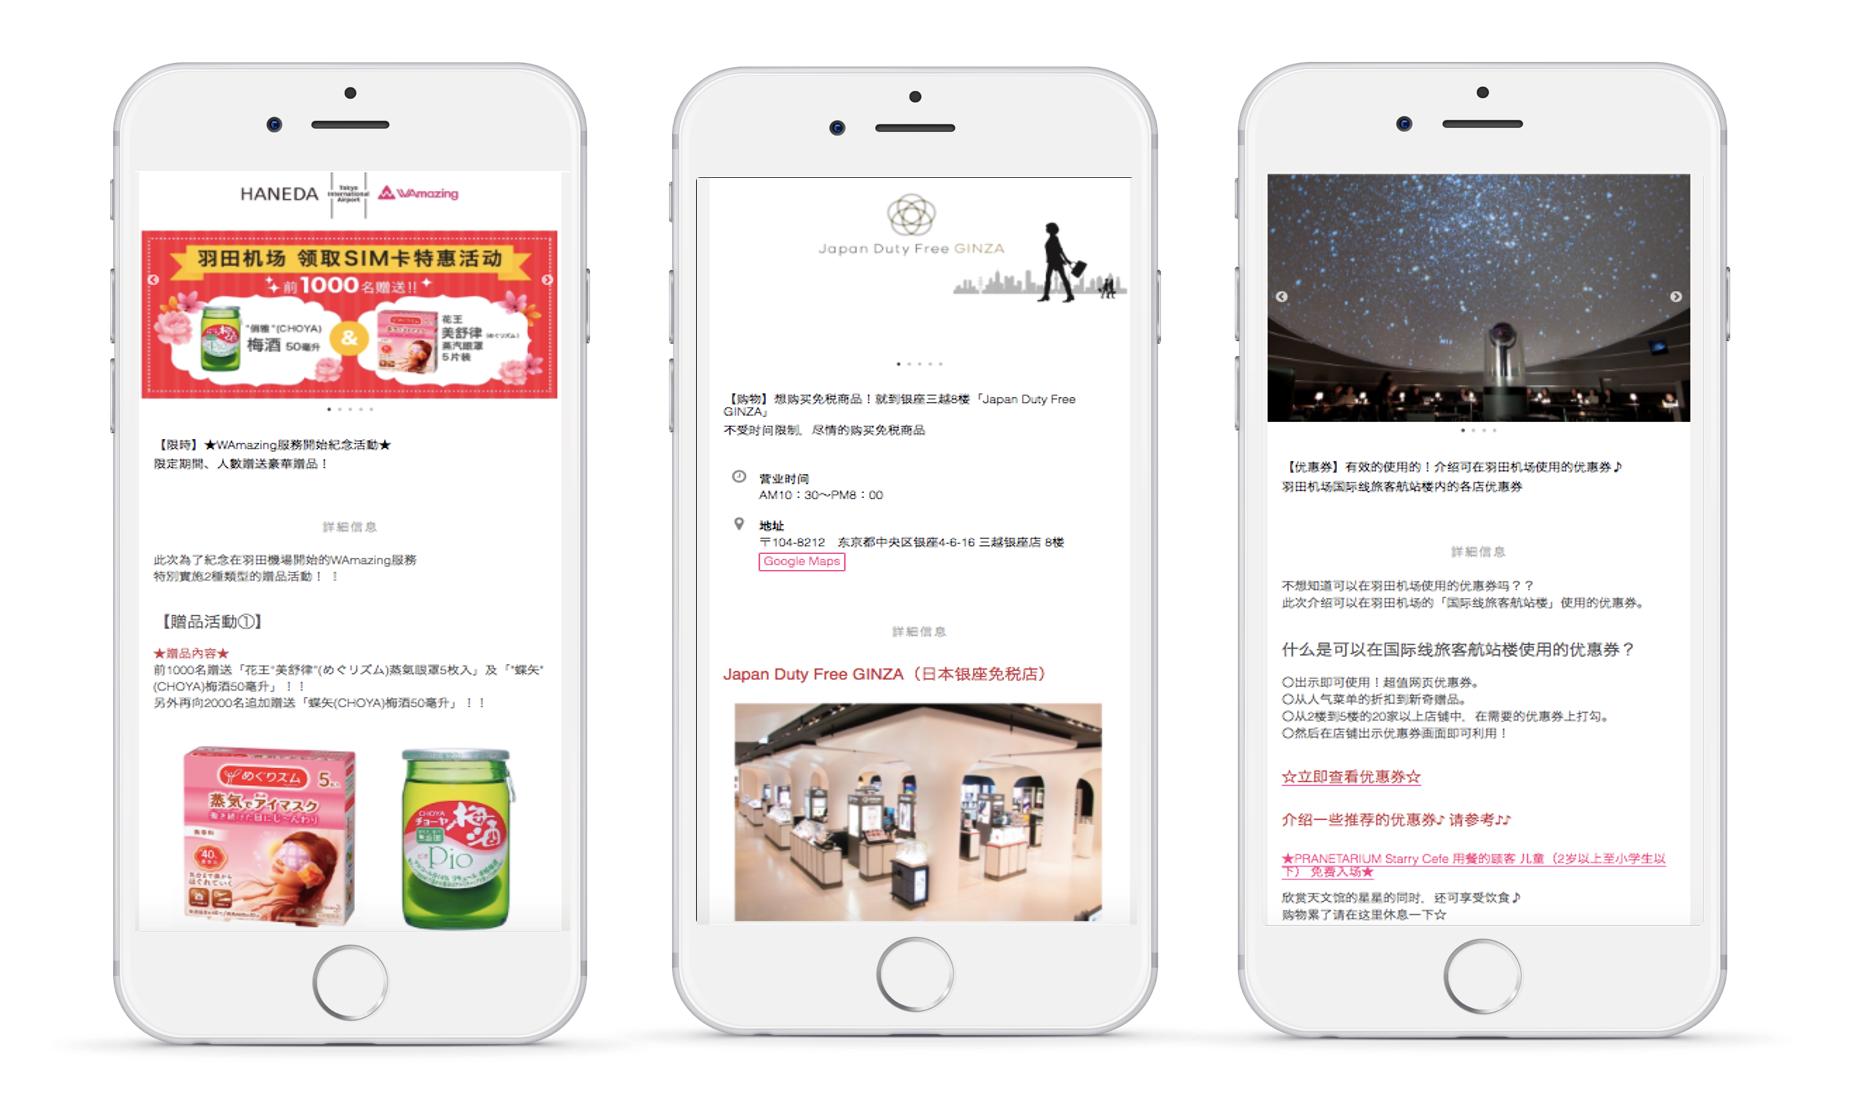 訪日アプリ「WAmazing」、羽田空港で無料SIMカードの受取りを可能に、専用ページで割引クーポン配布なども